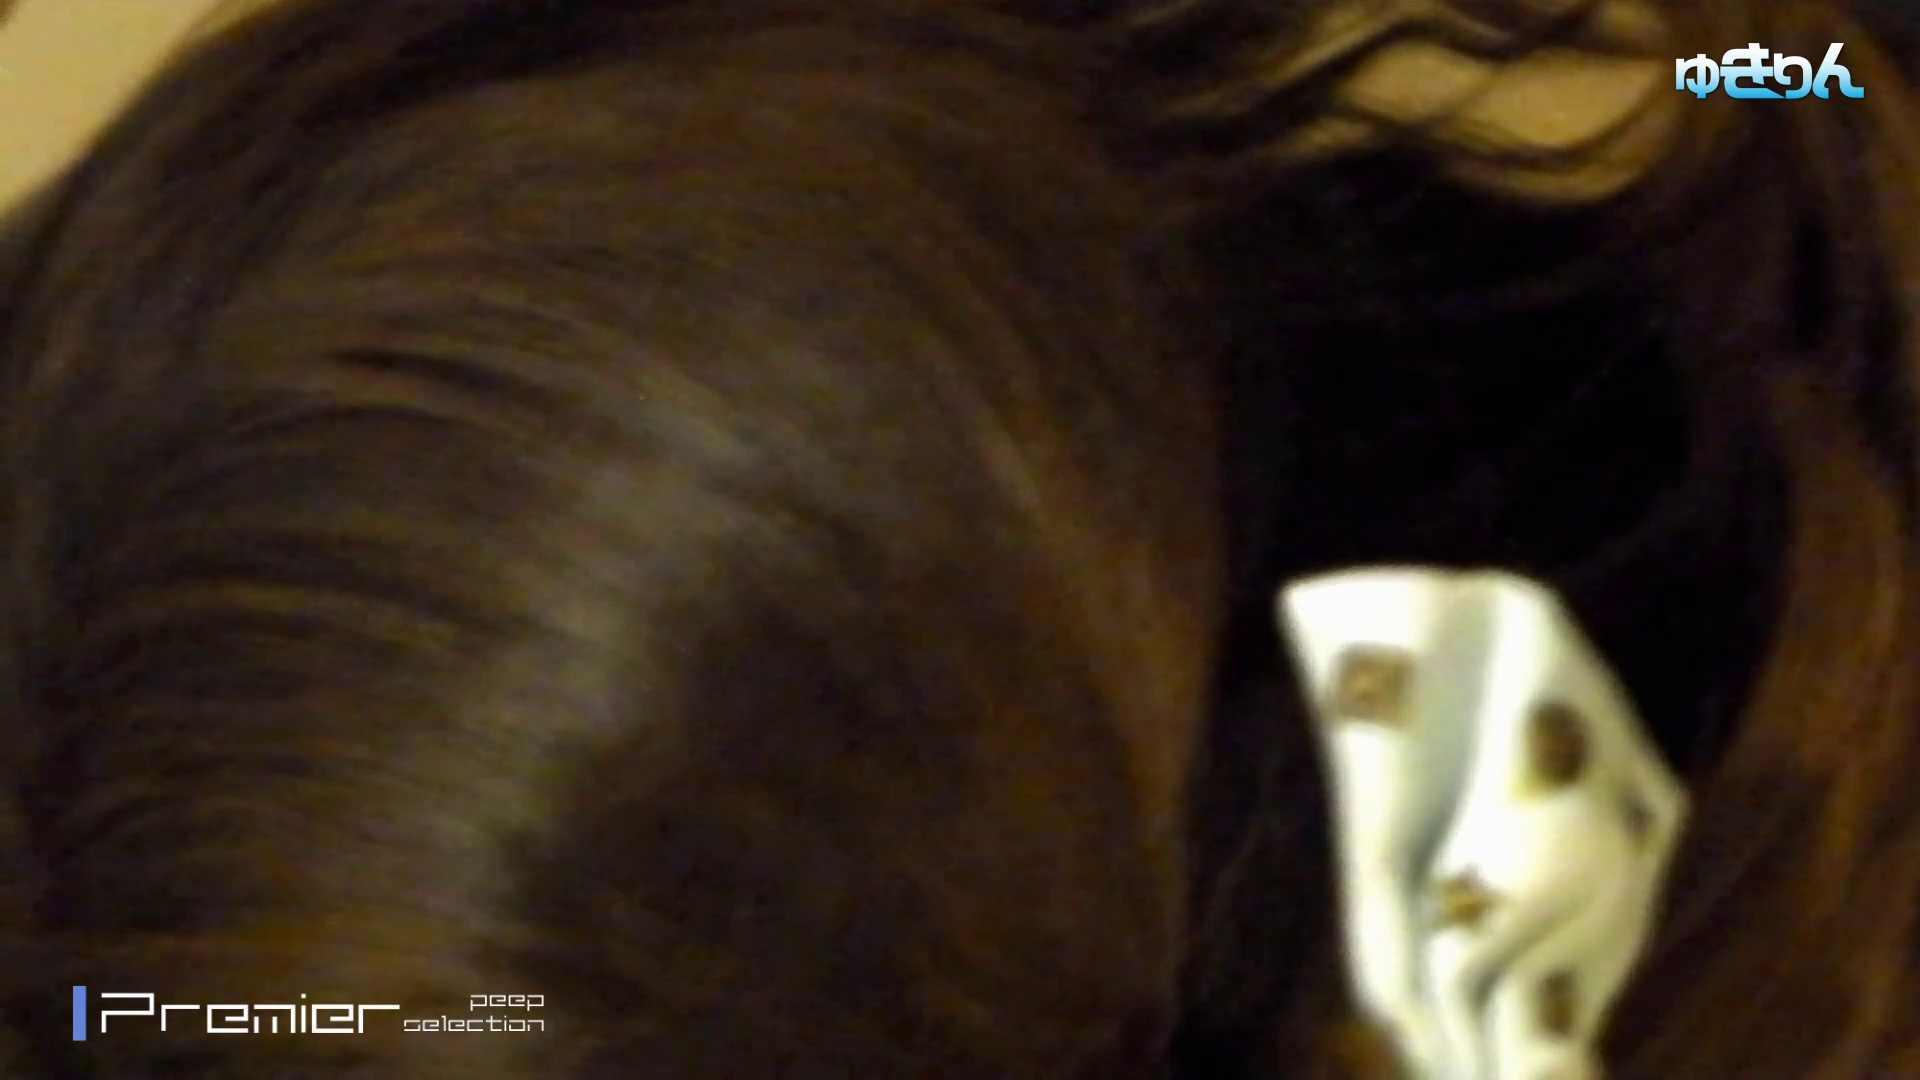 新世界の射窓 No98 キターッ特別に可愛い子の為、外まで粘着追い撮り!! 丸見え SEX無修正画像 110枚 67